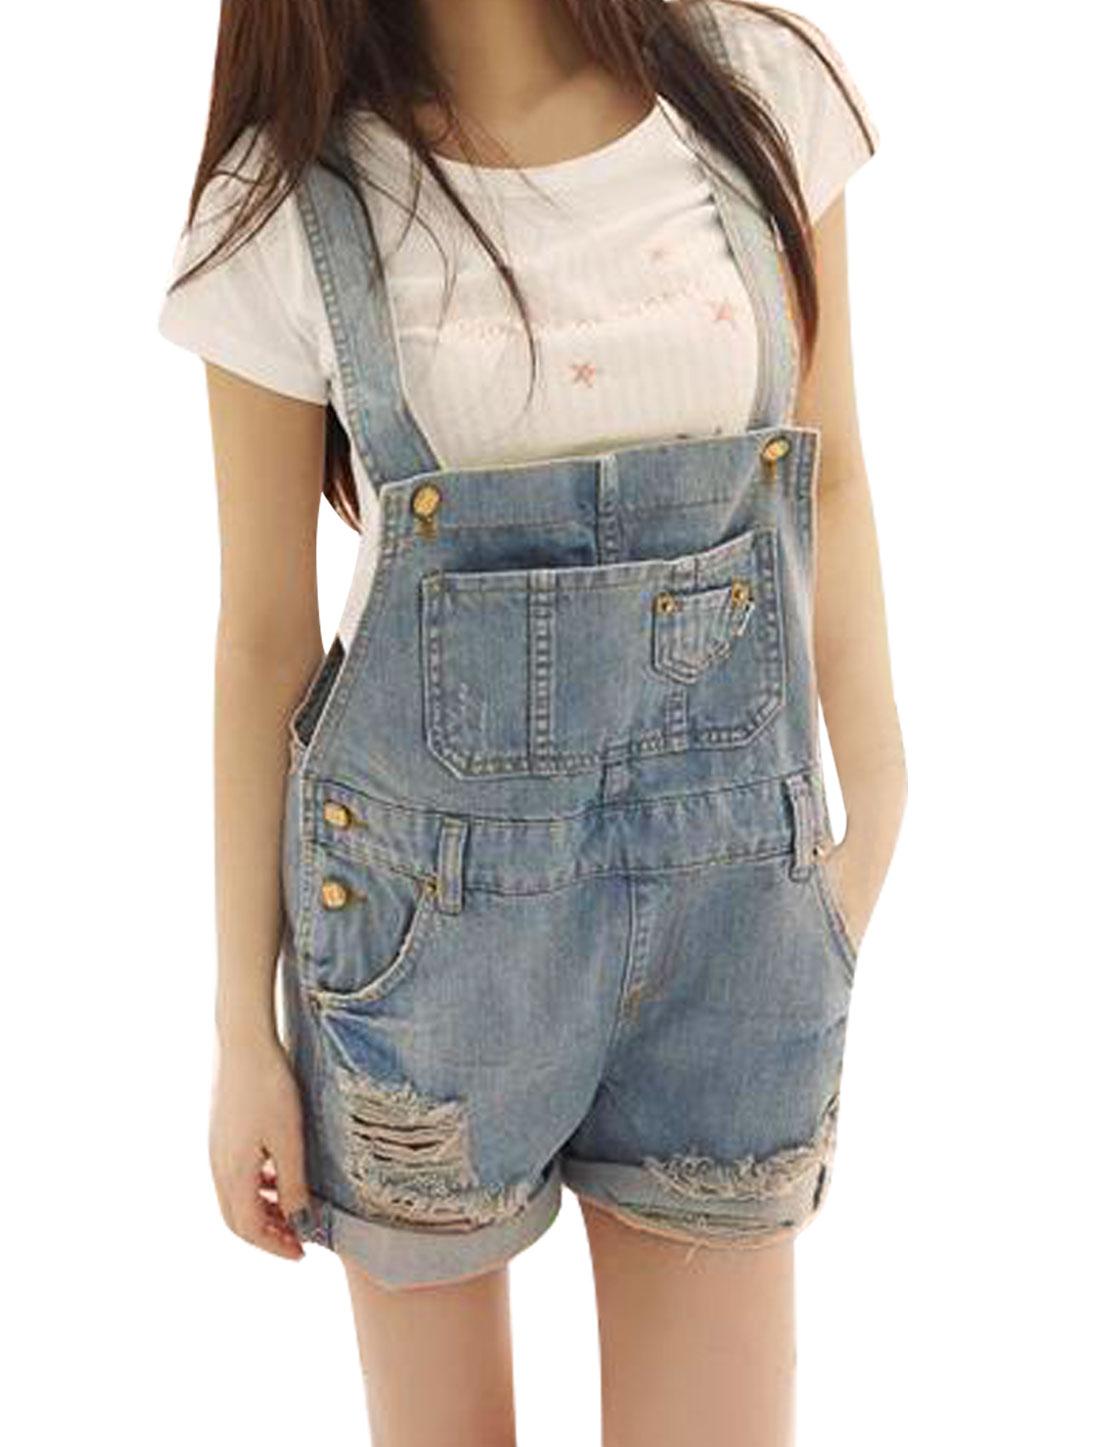 Women Chest Pocket Slant Pockets Hip Pocket Belt Loops Suspender Light Blue M